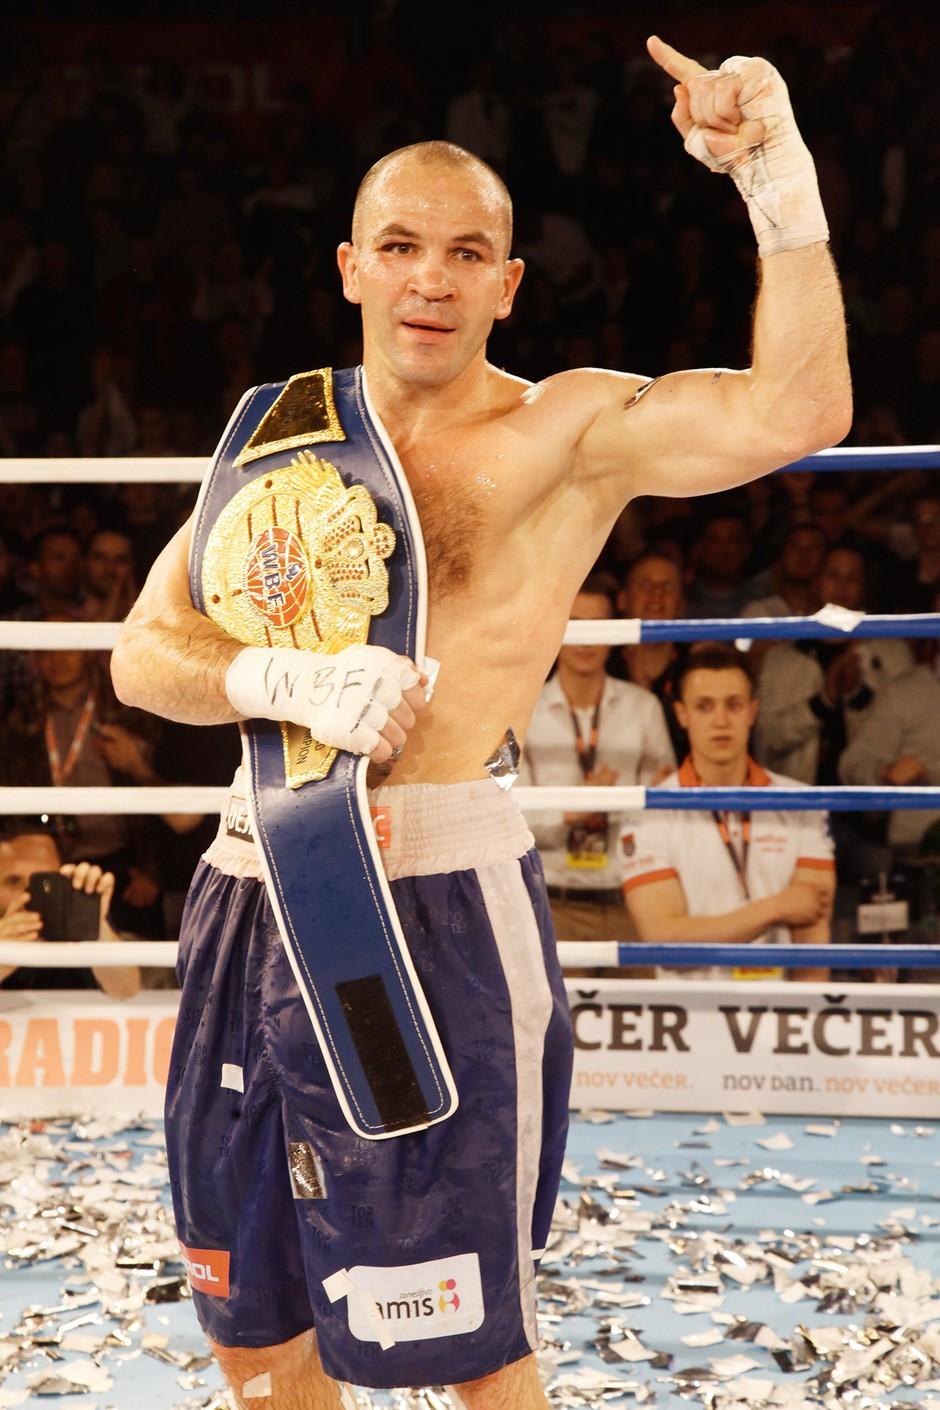 Najboljši slovenski boksar se lahko pohvali s tremi dvoboji v ZDA, v 40 dvobojih pa je zabeležil 35 zmag. (foto: Lea Press)